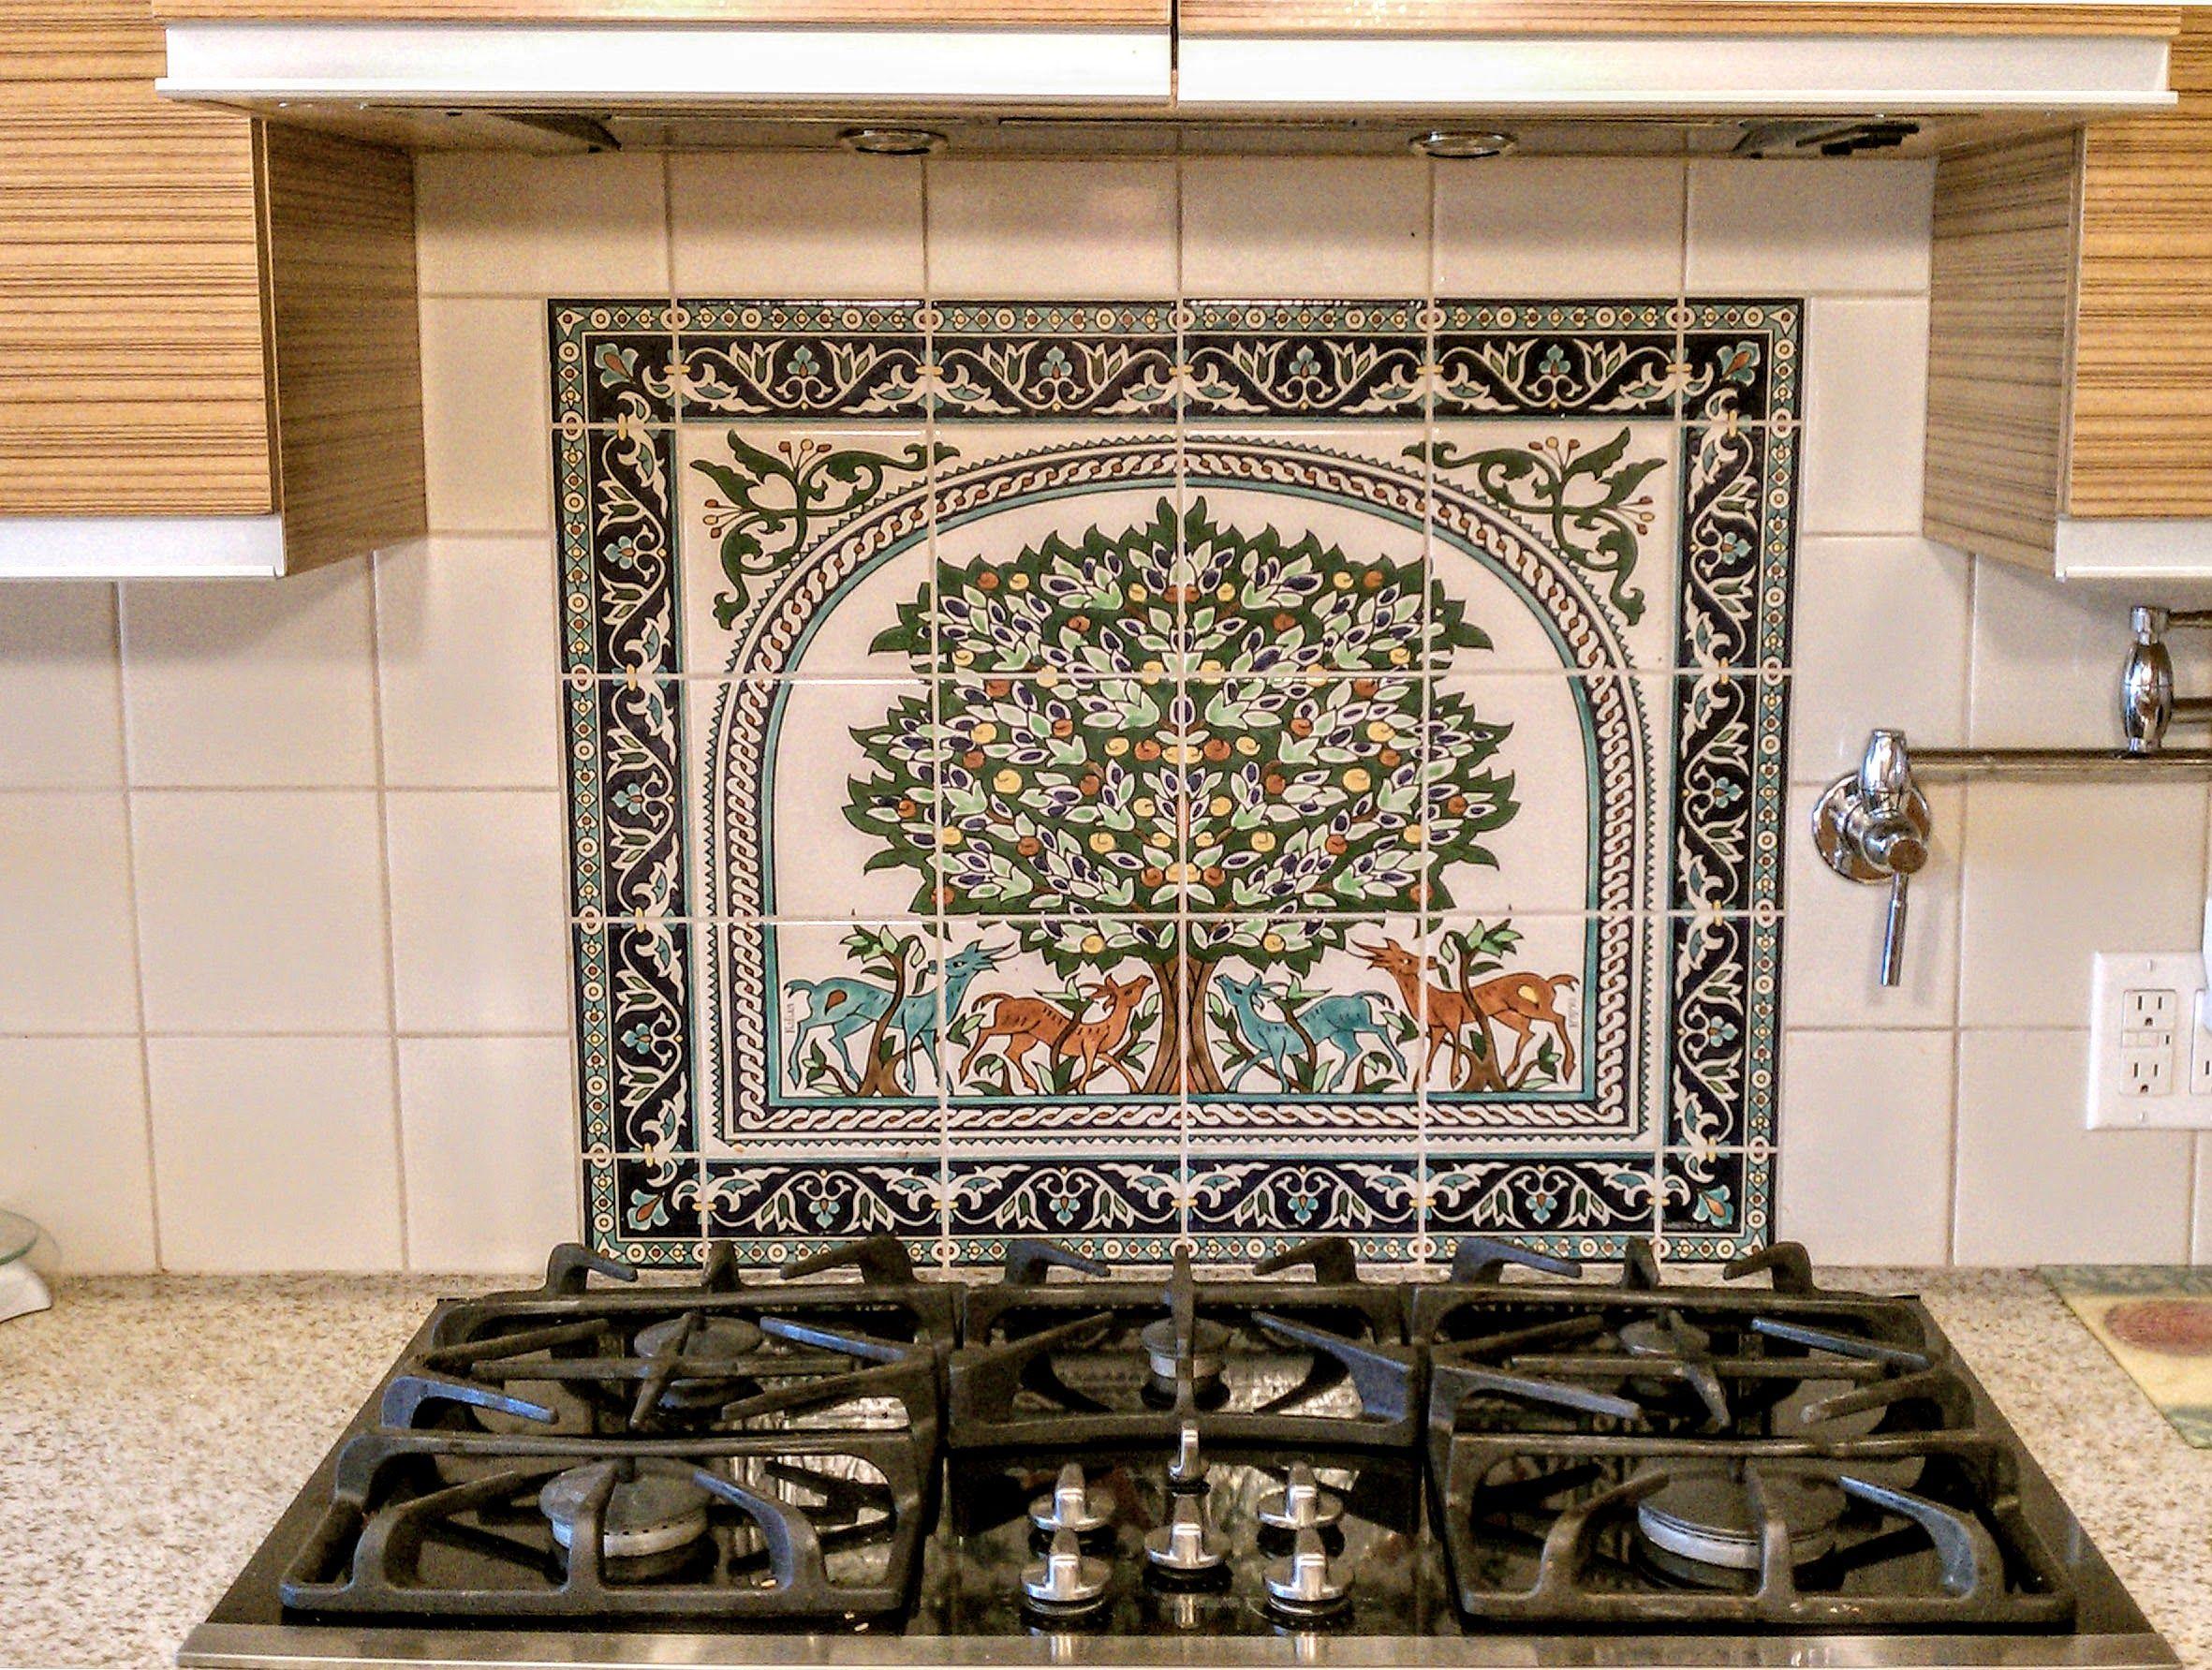 Tree Of Life Kitchen Tile Backsplash Mural